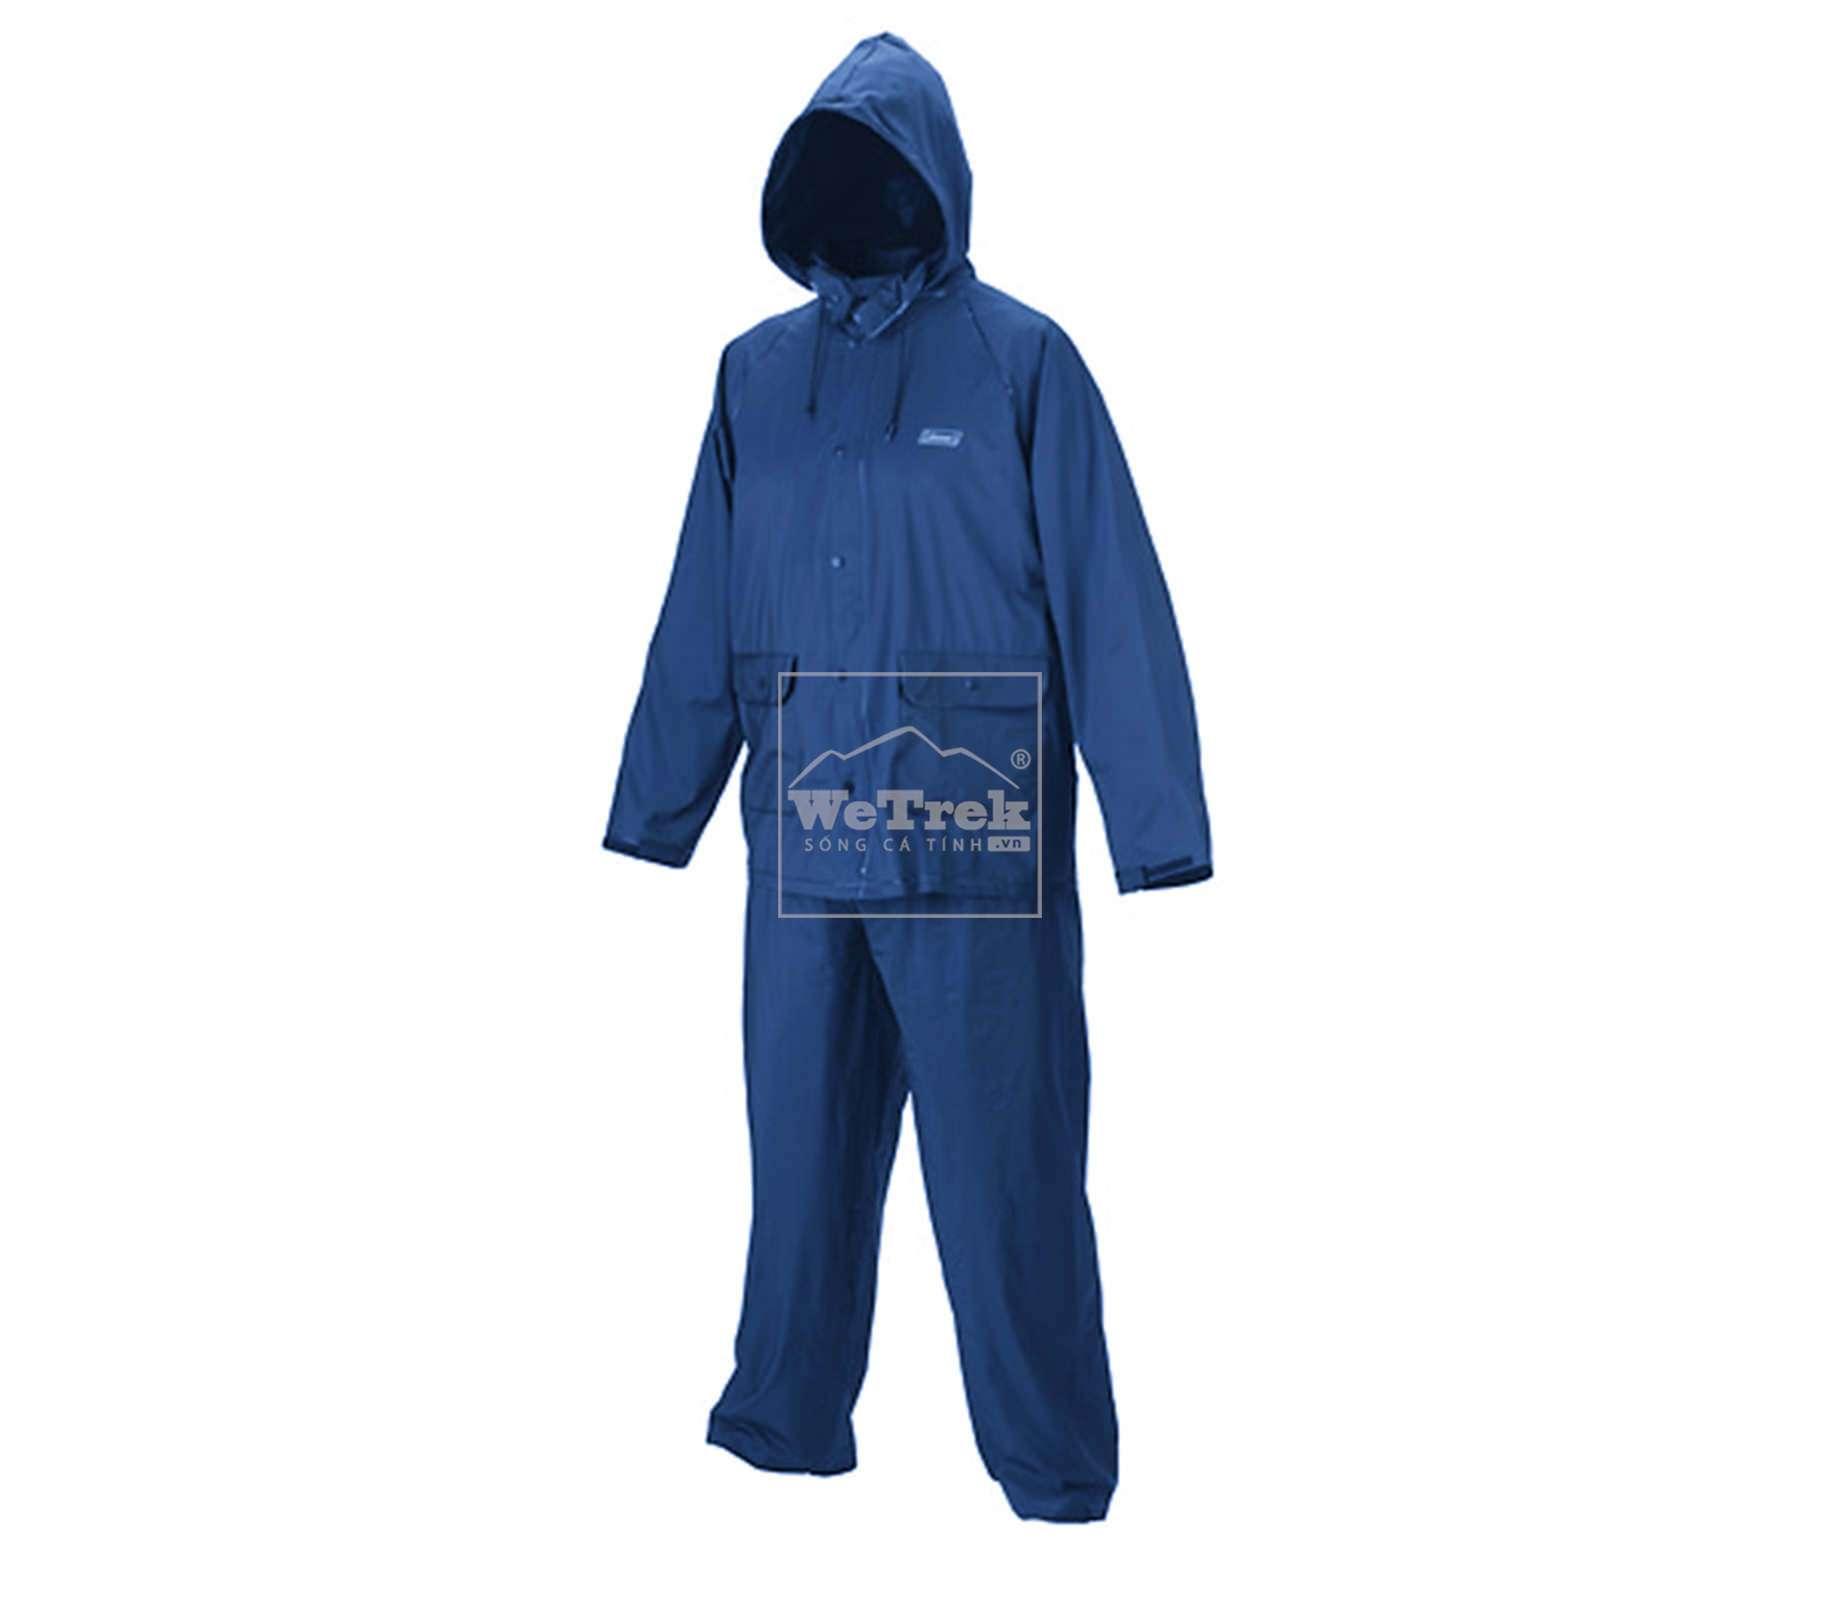 Bộ quần áo đi mưa Coleman 2000004102 - L -  Xanh 3496